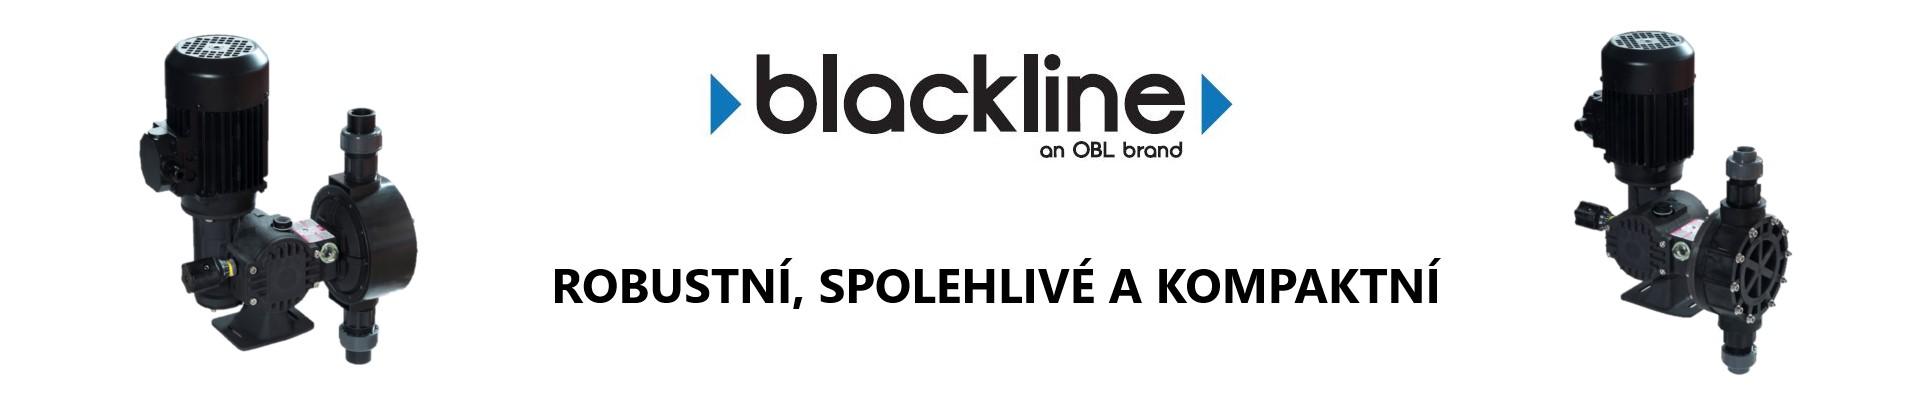 dávkovací čerpadlo OBL série M blackline